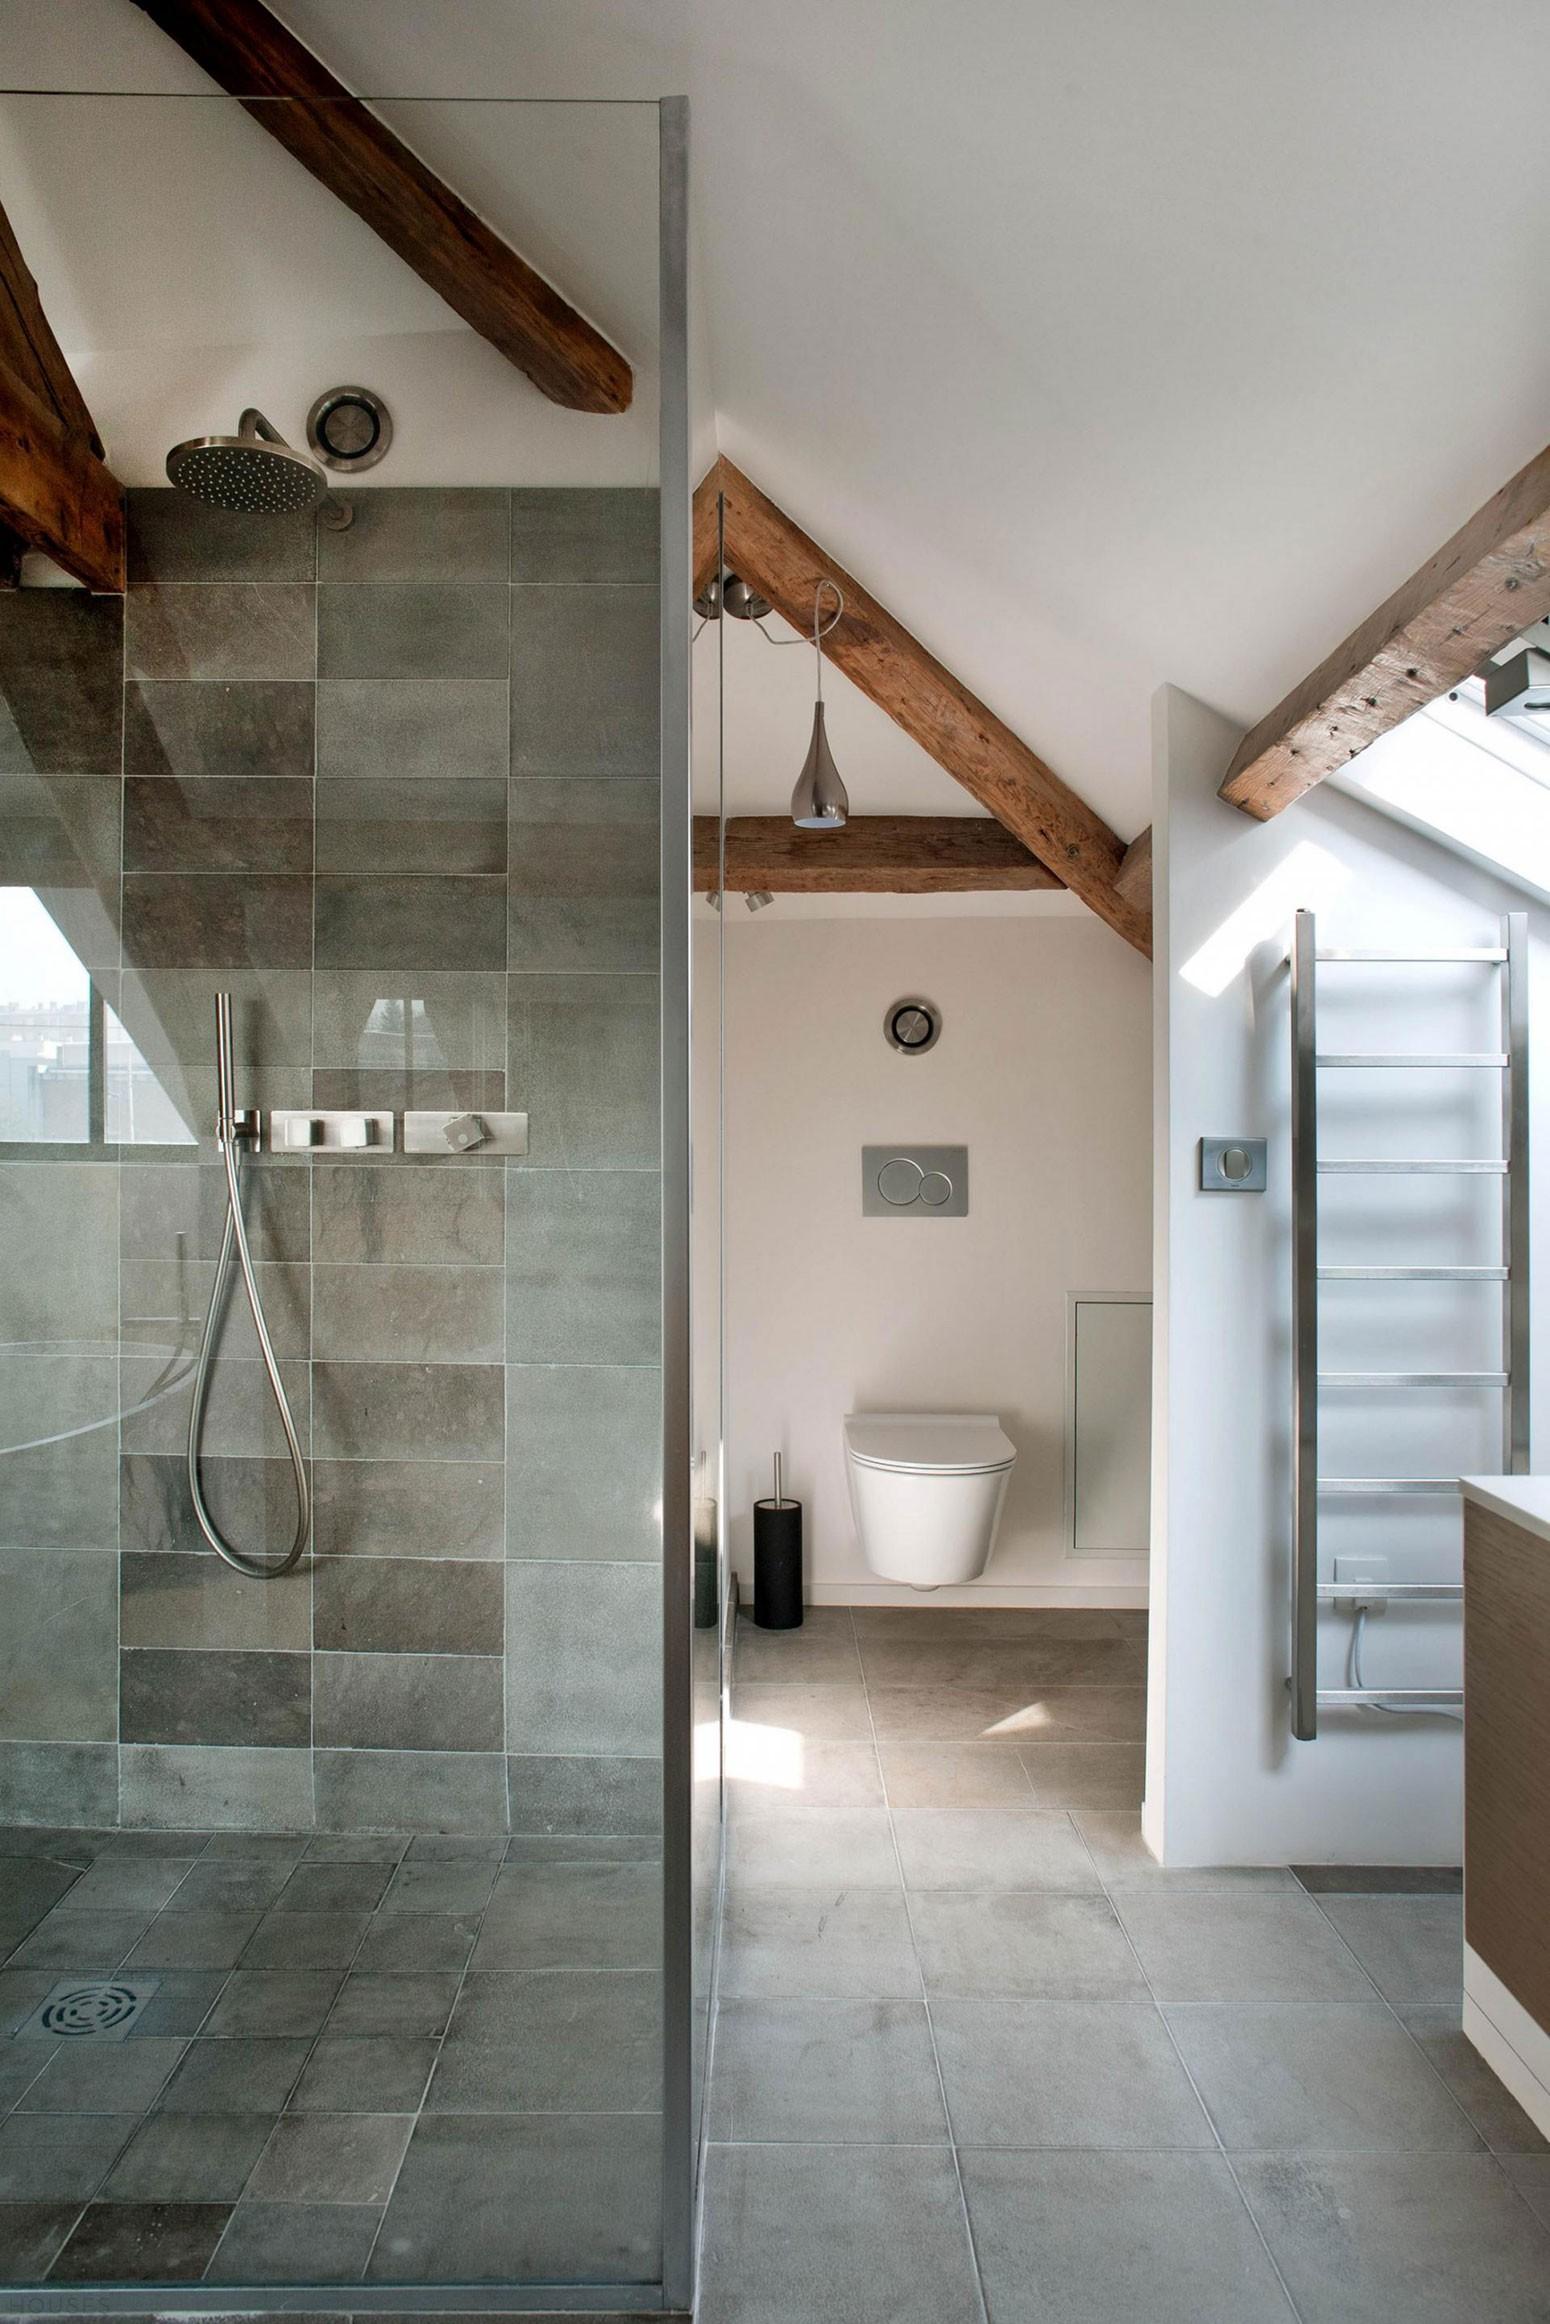 Частный дом с дизайном в стиле прованс, Франция